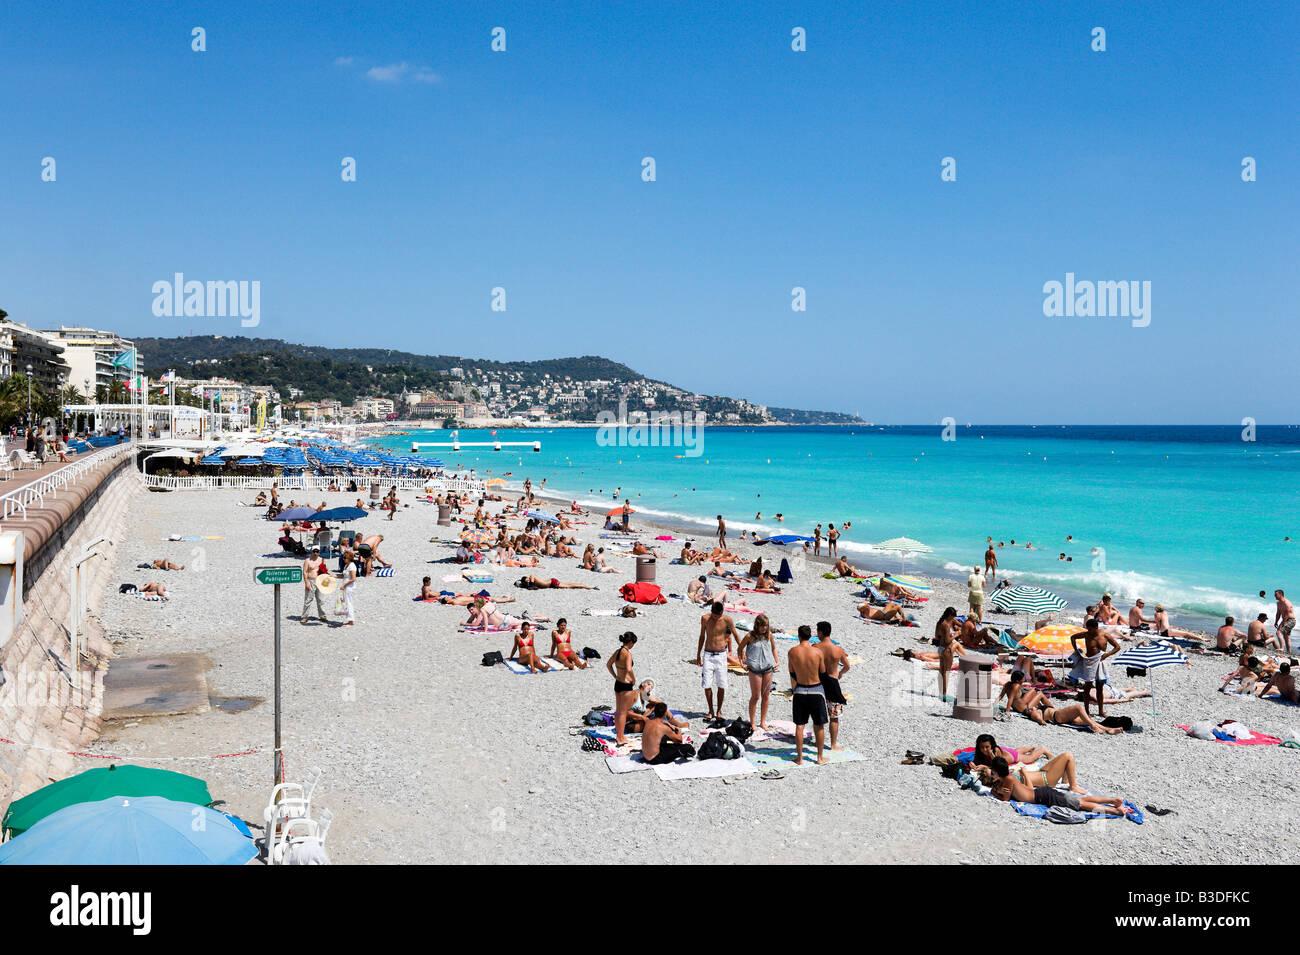 La spiaggia e la Promenade des Anglais, Nizza Cote d'Azur, Costa Azzurra, Francia Immagini Stock